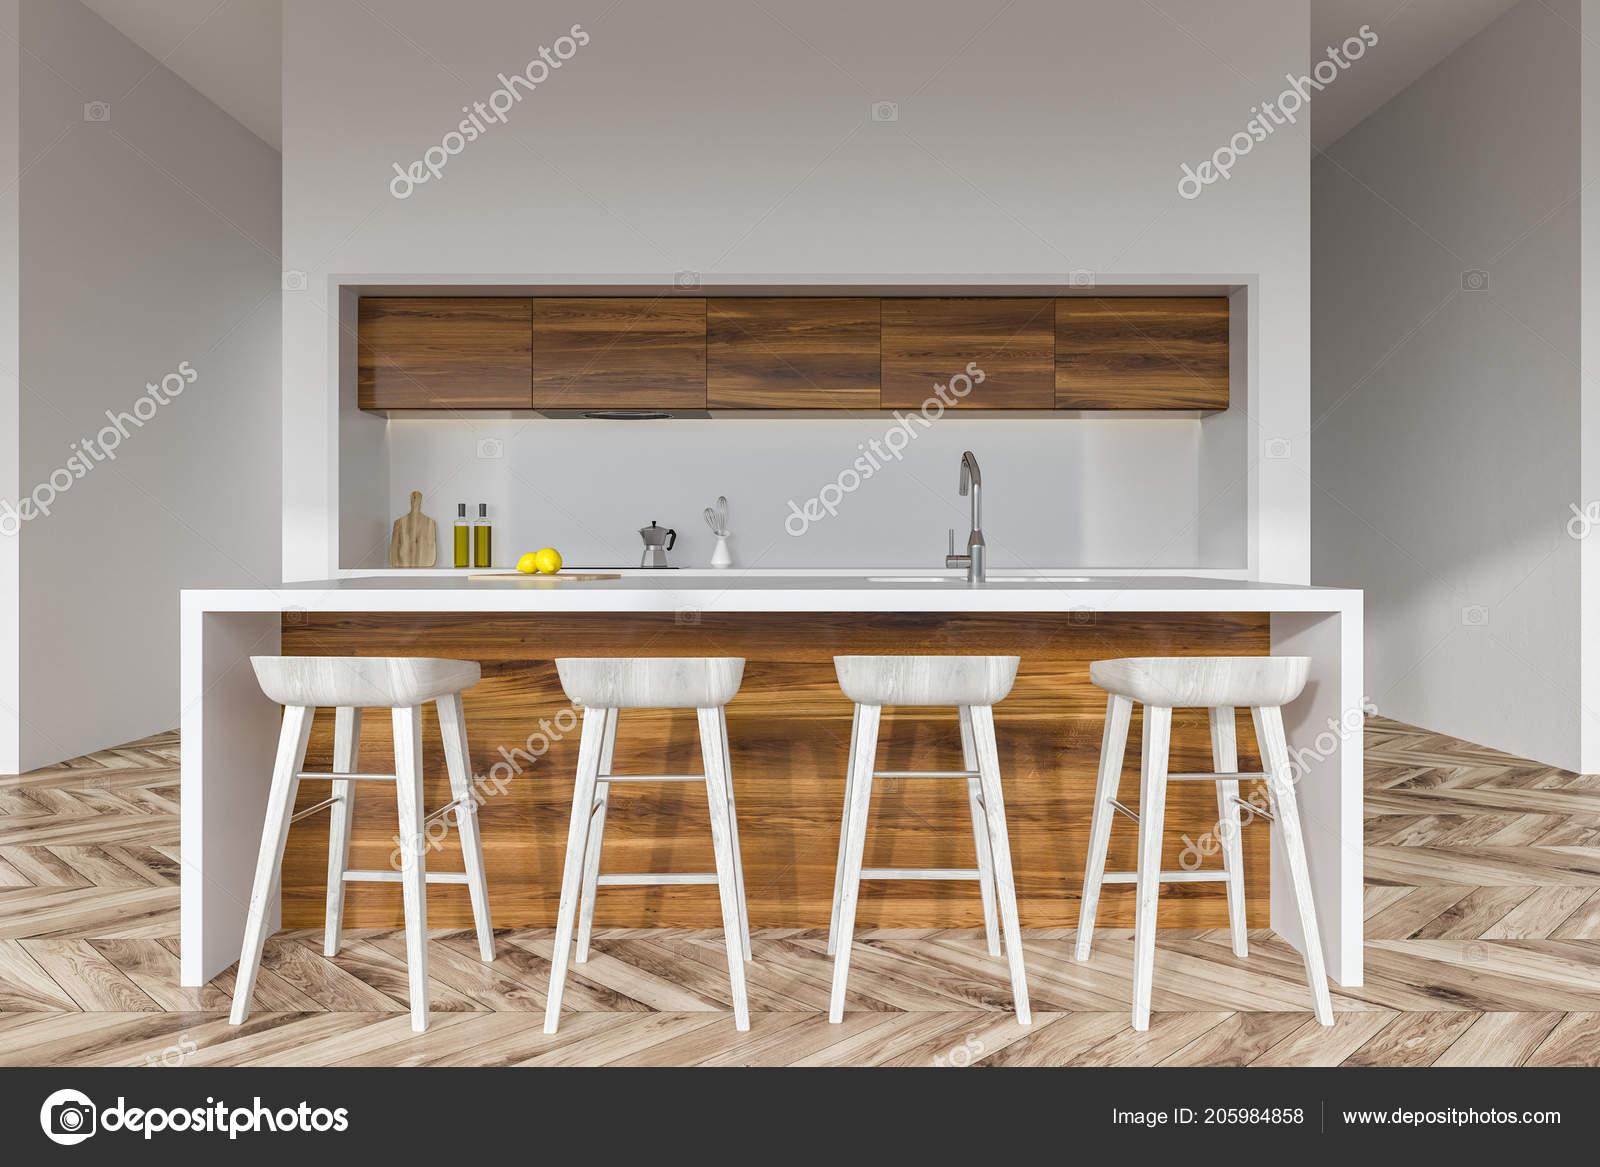 Cucina legno bianco bar con sgabelli bianchi piedi una cucina u2014 foto